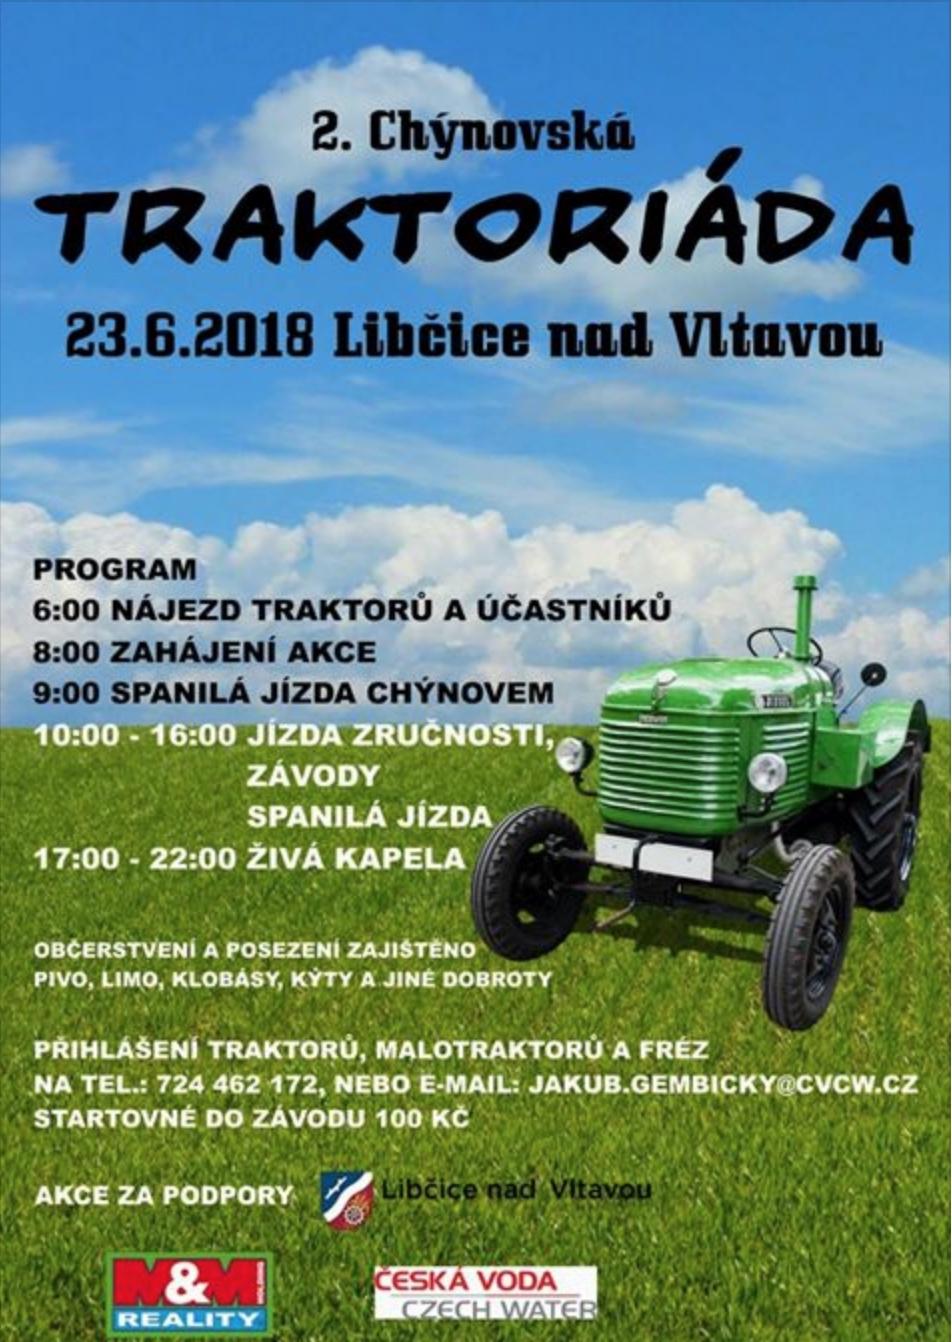 2. chýnovská traktoriáda